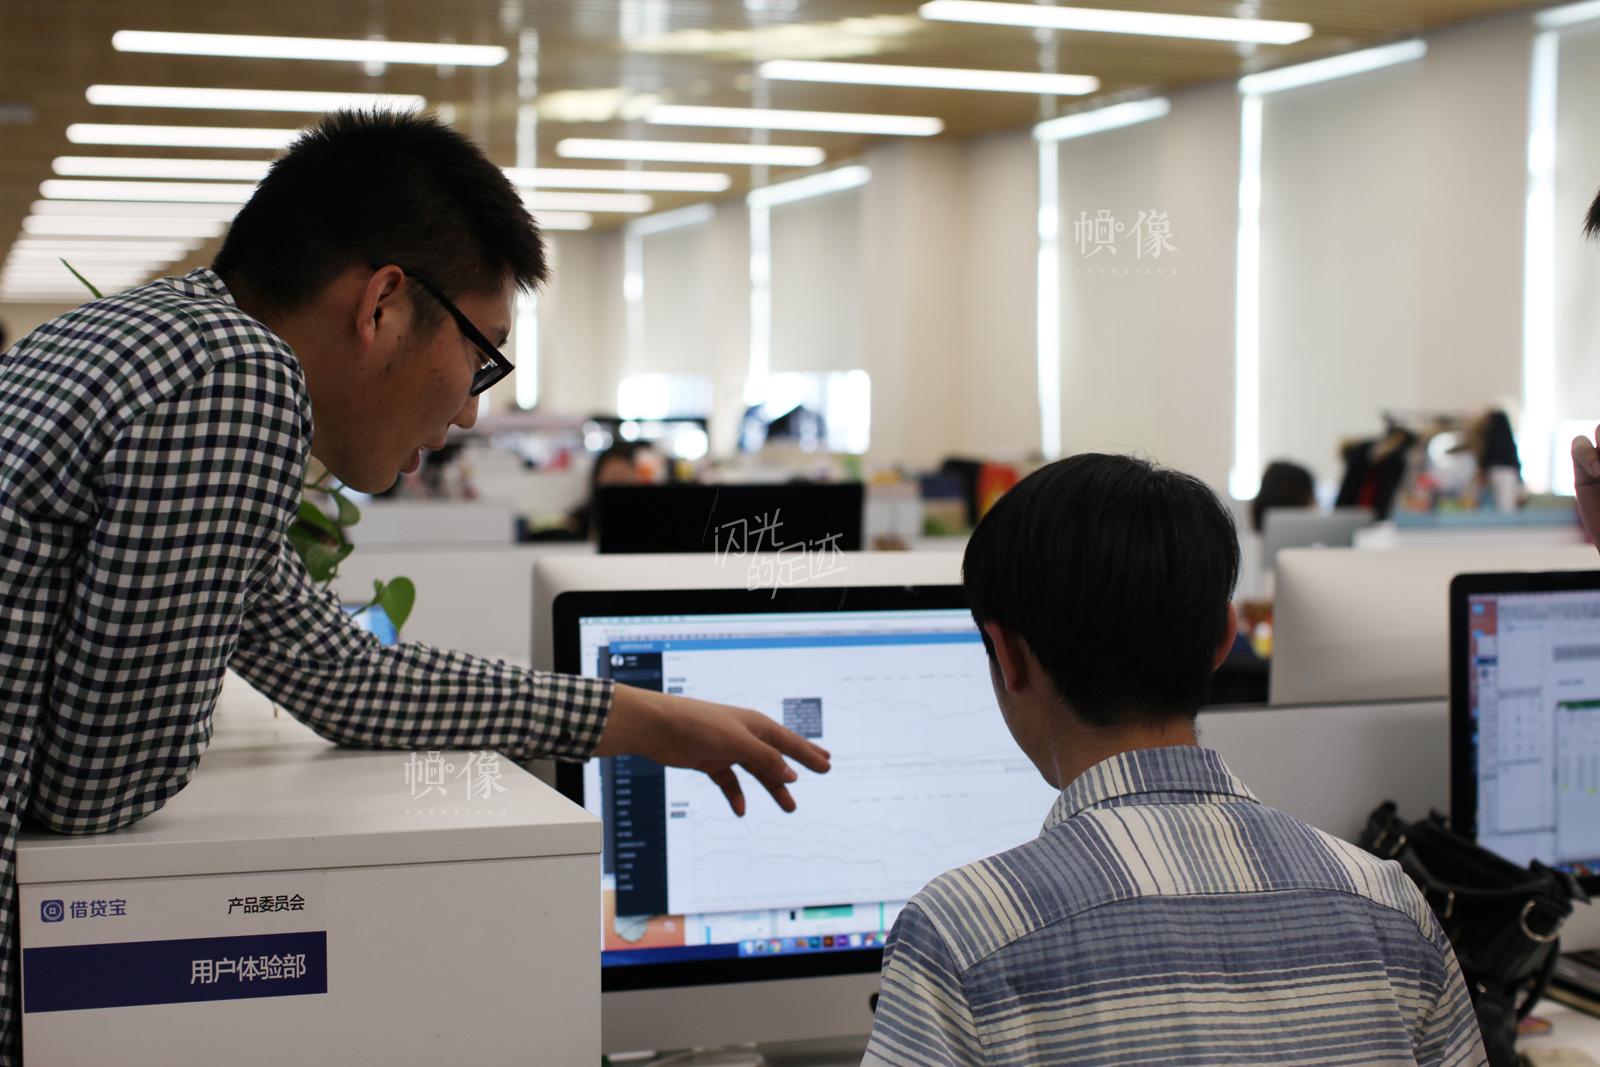 为了保证用户的良好体验,借贷宝公司成立了用户体验部。图为公司用户体验部员工在讨论工作。中国网记者-赵超-摄